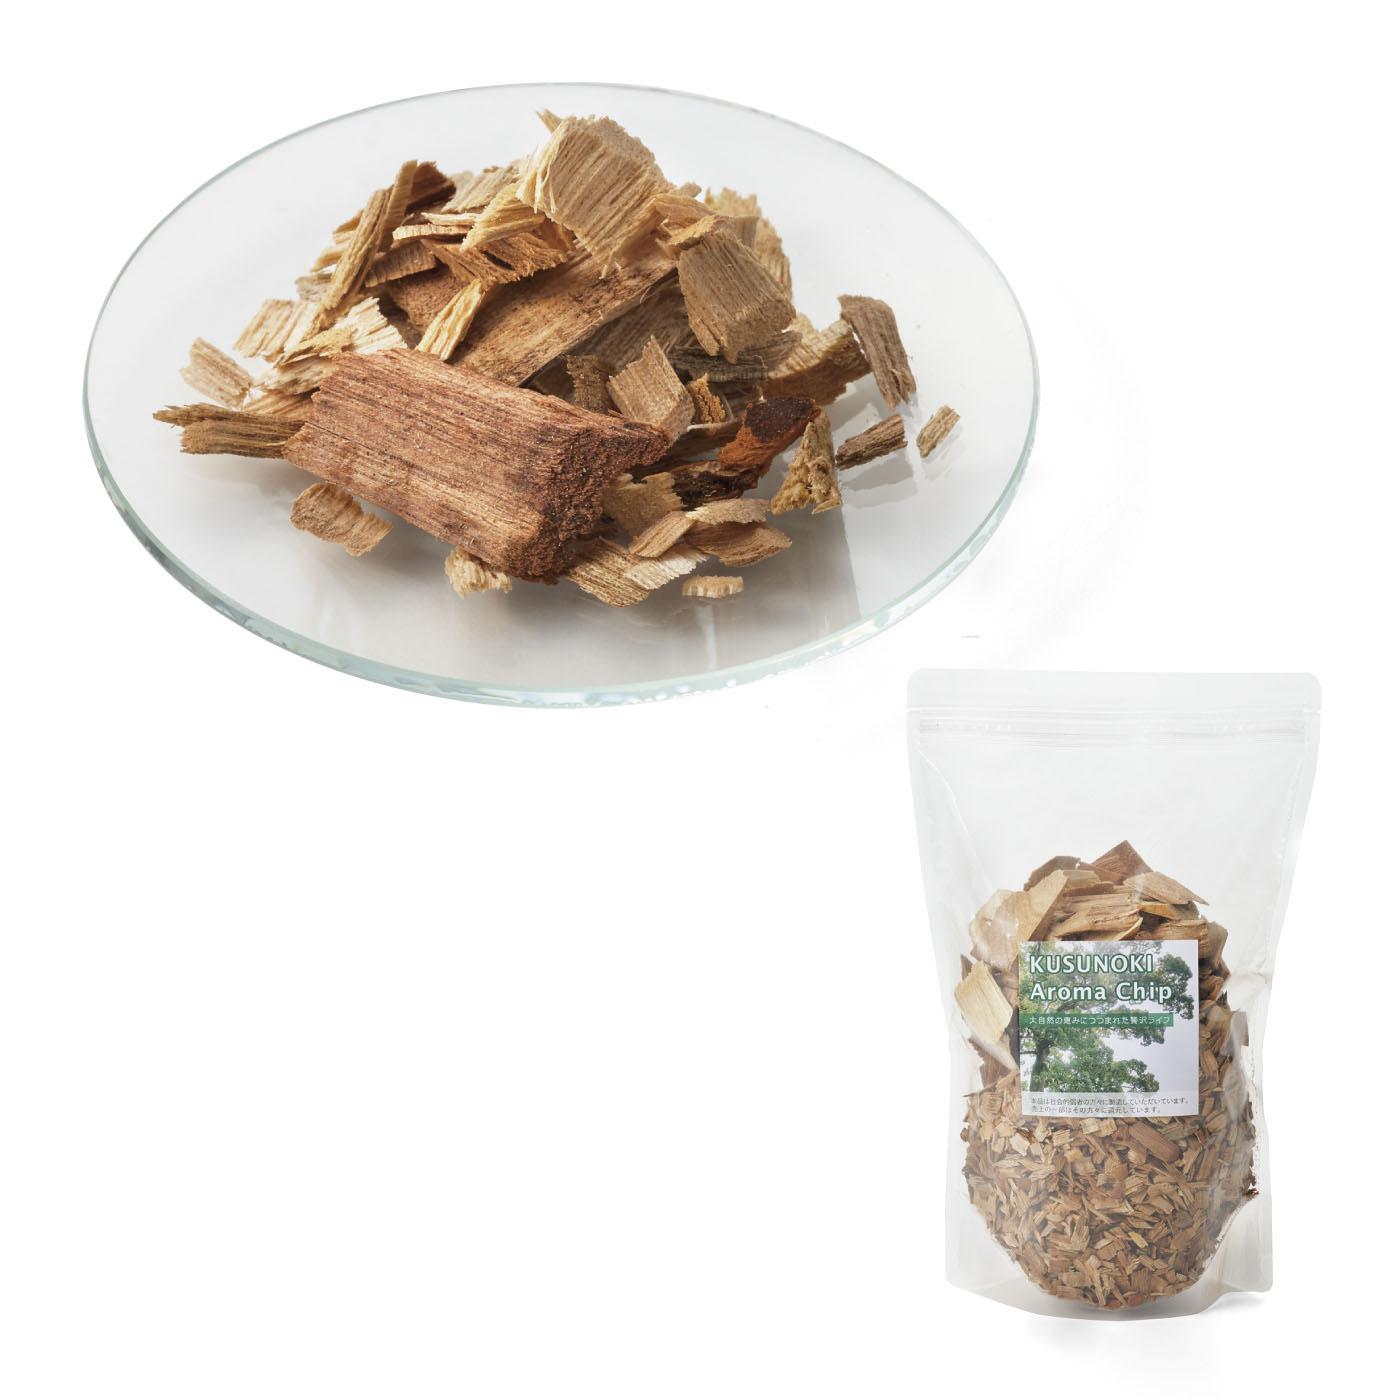 クスノキ・アロマチップ 350g 宮崎県産のクスノキを砕いてフレーク状にしたアロマチップ。お気に入りの容器に入れれば、おしゃれなインテリアにもなります。お茶パックに小分けして使うのも◎。